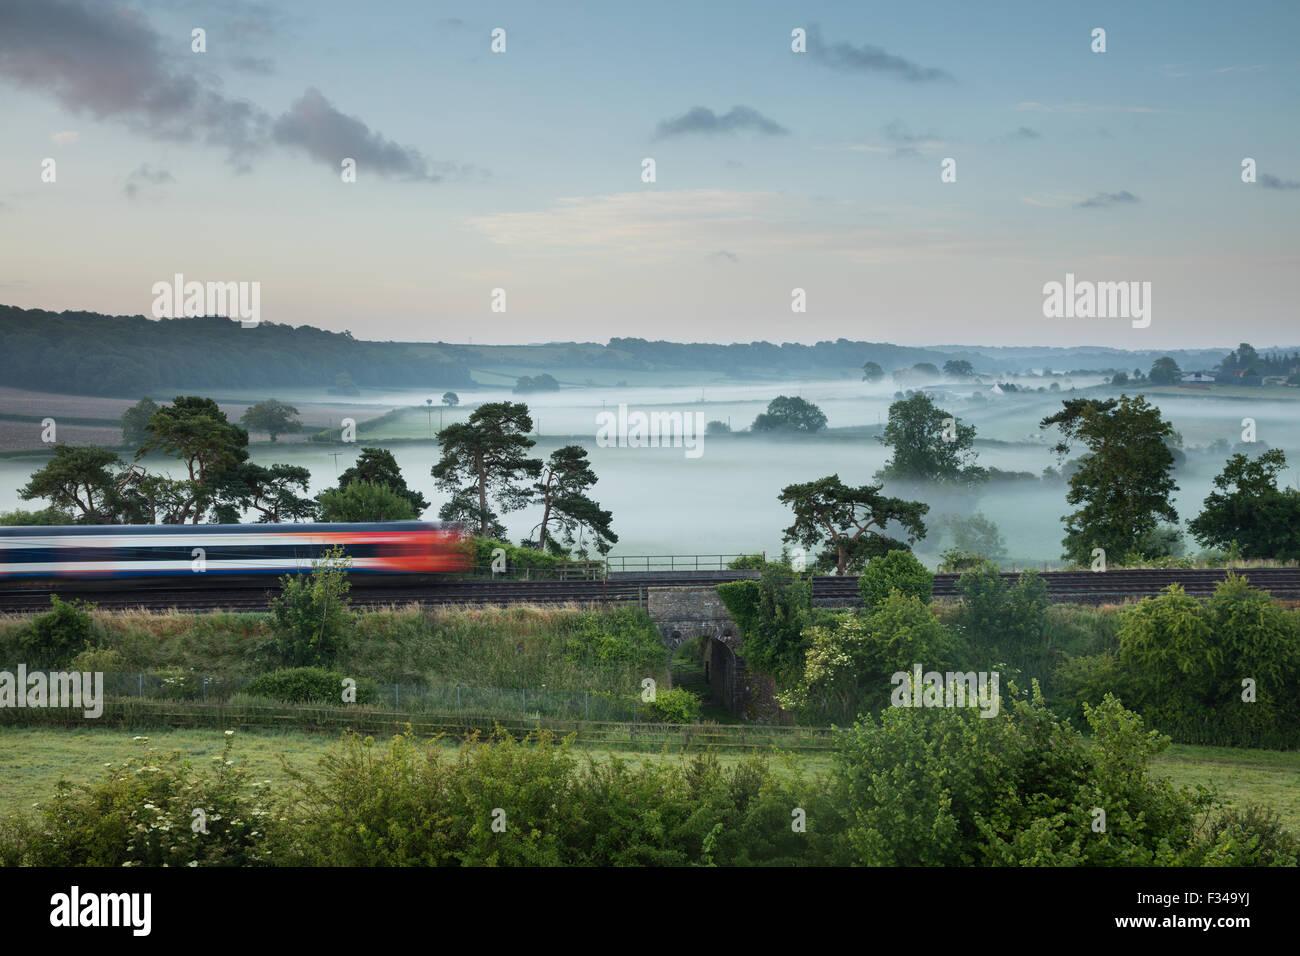 La London Waterloo à Exeter train Milborne Wick sur un matin d'été brumeux, Somerset, England, Photo Stock